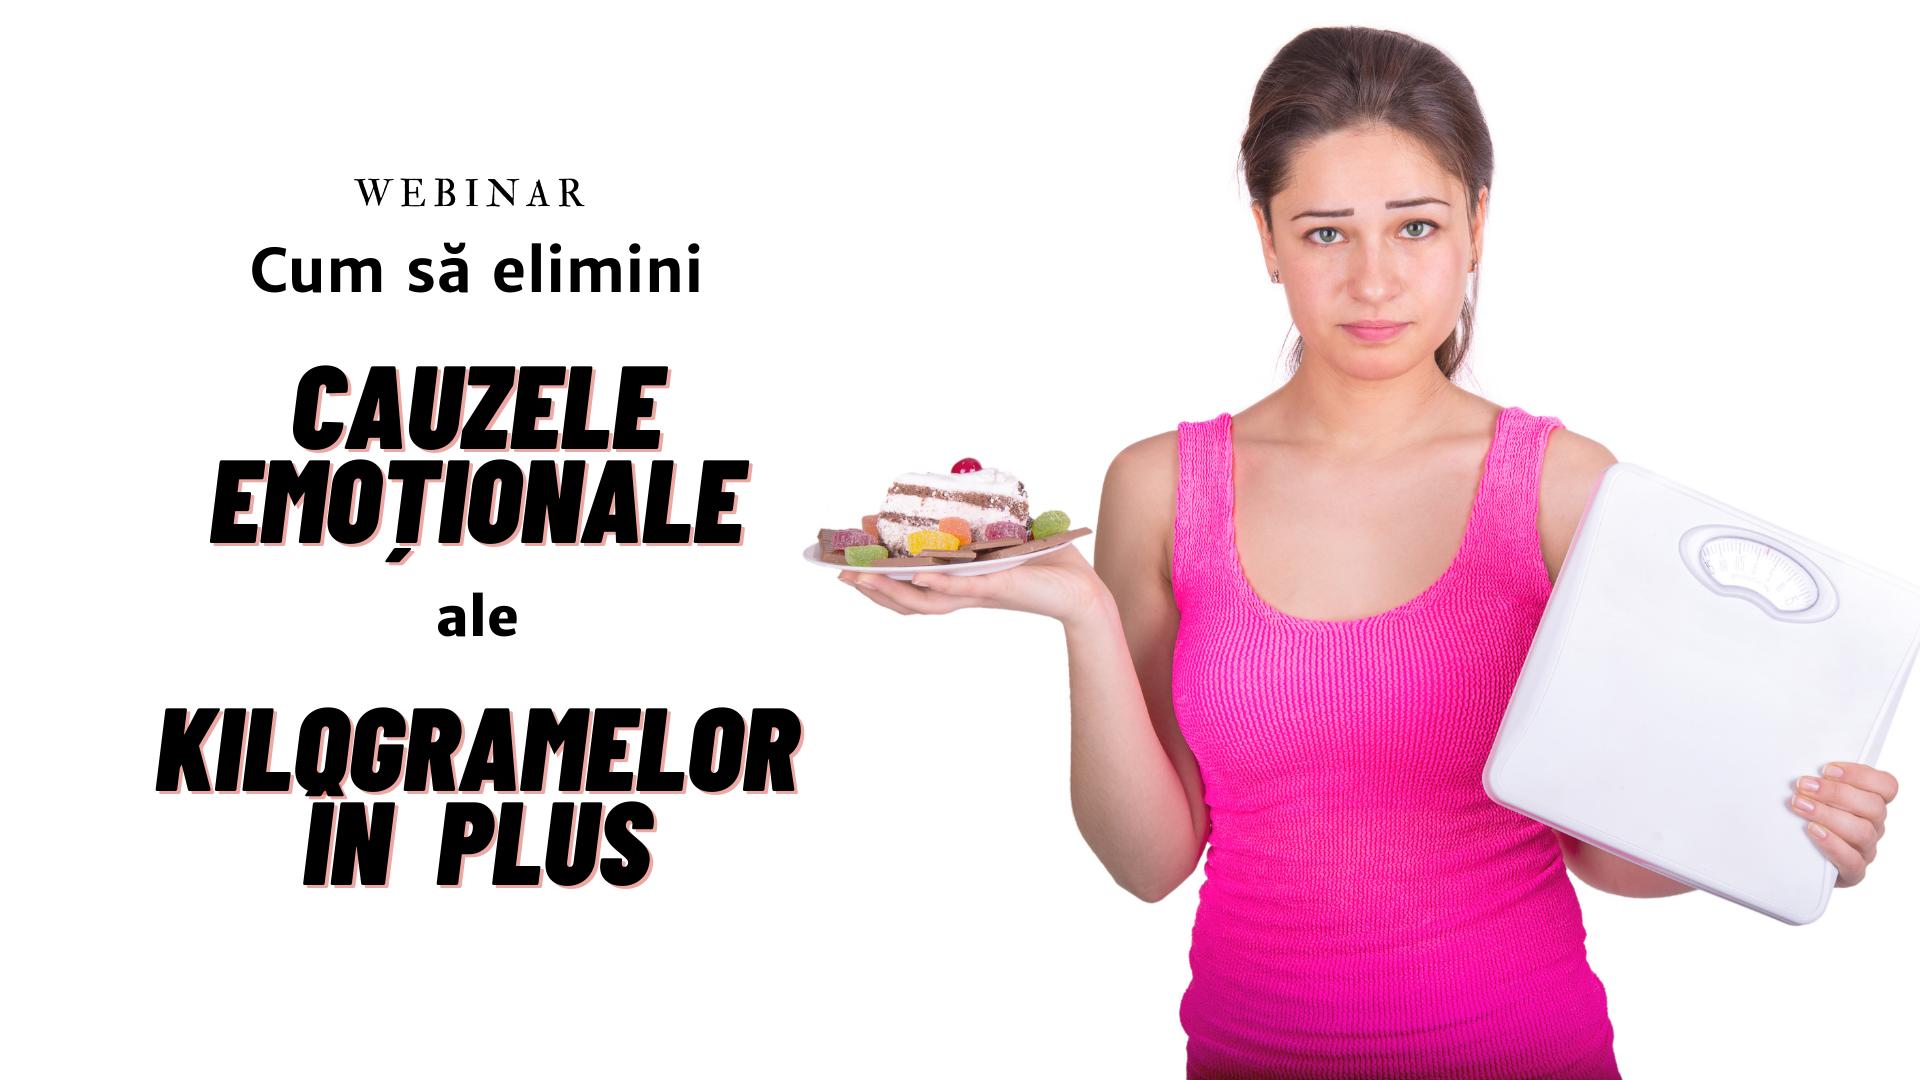 Cum sa elimini cauzele emotionale ale kilogramelor in plus